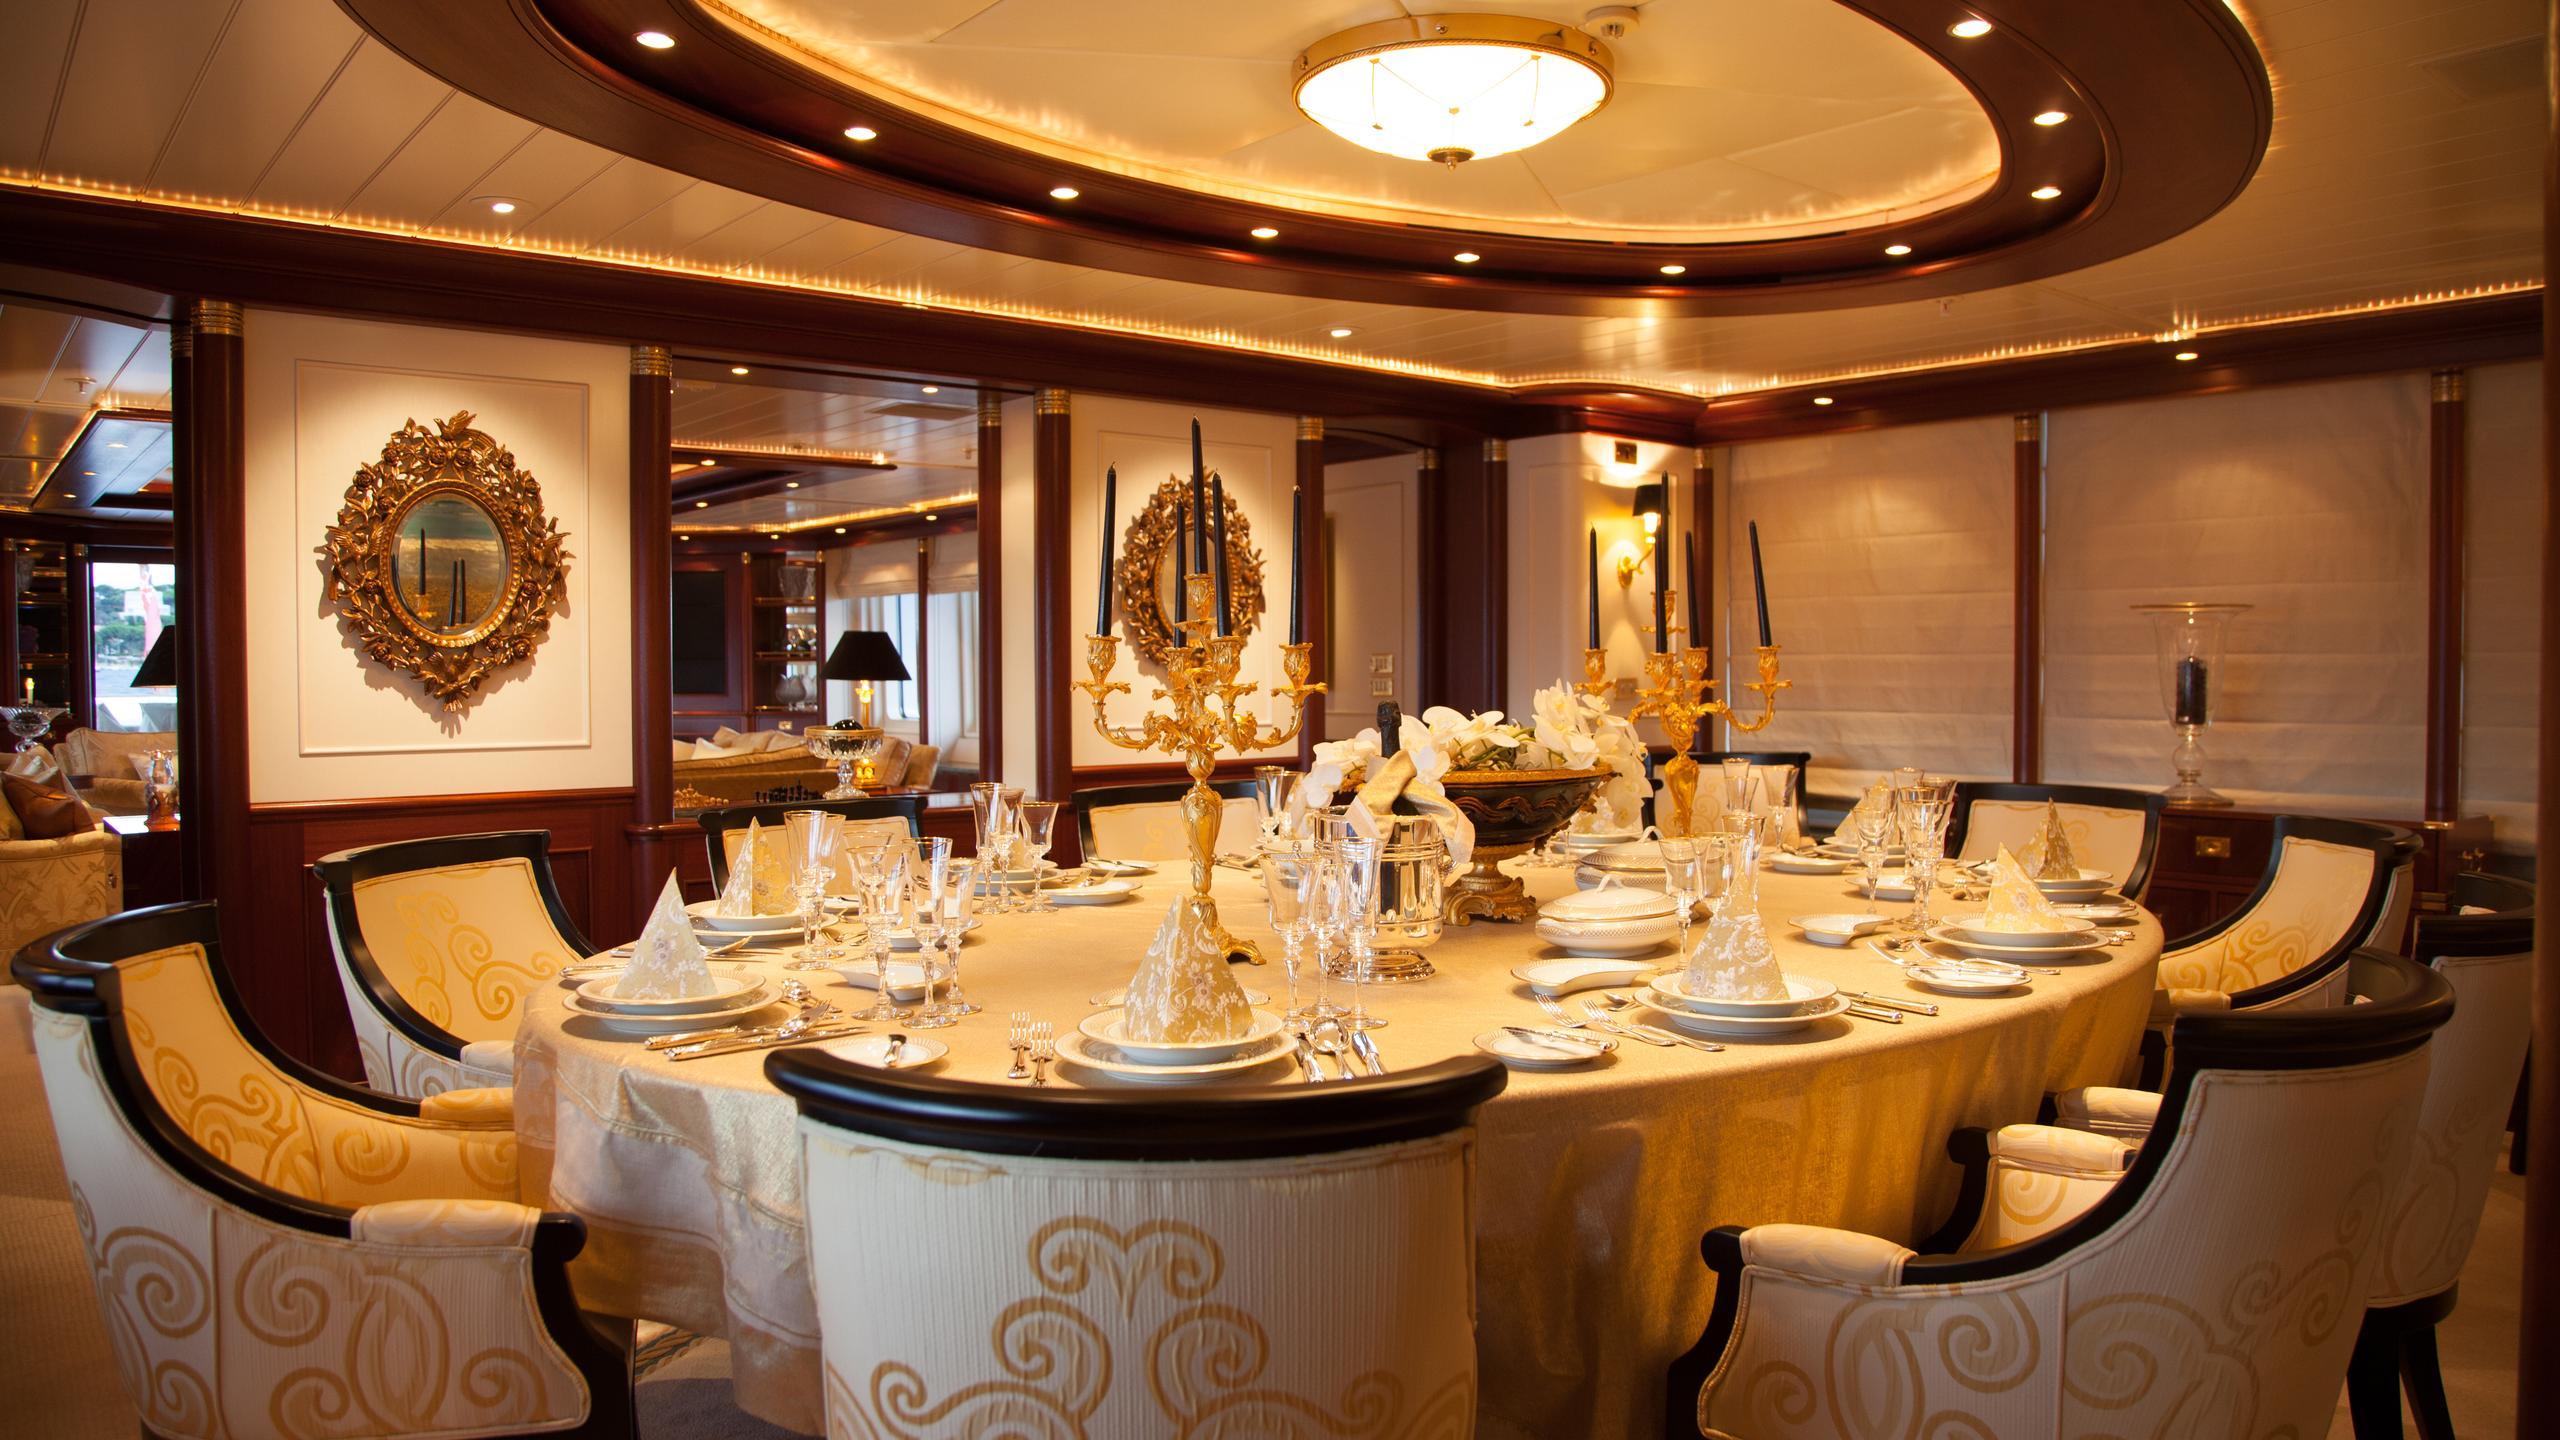 faribana-v-yacht-formal-dining